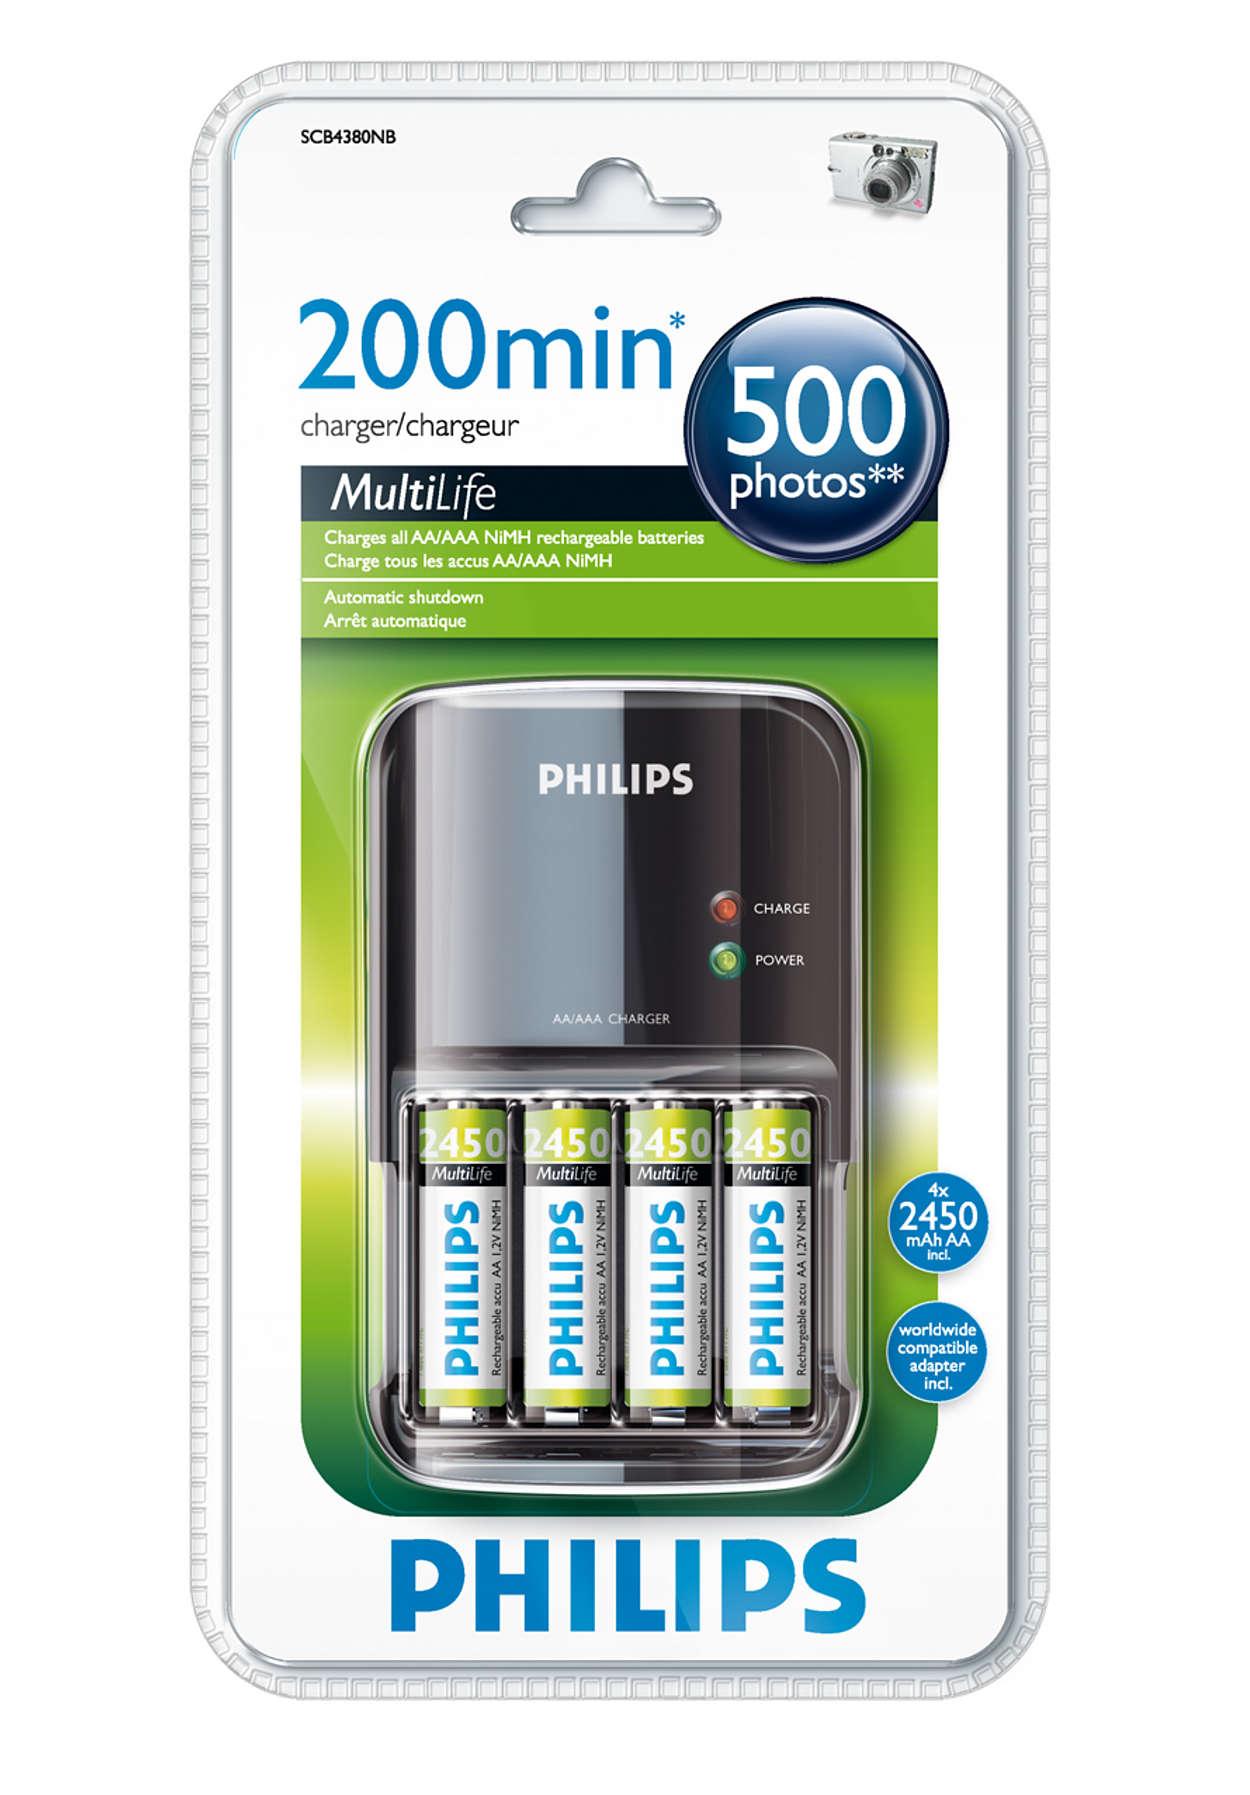 Laddar batterier på upp till 200 minuter